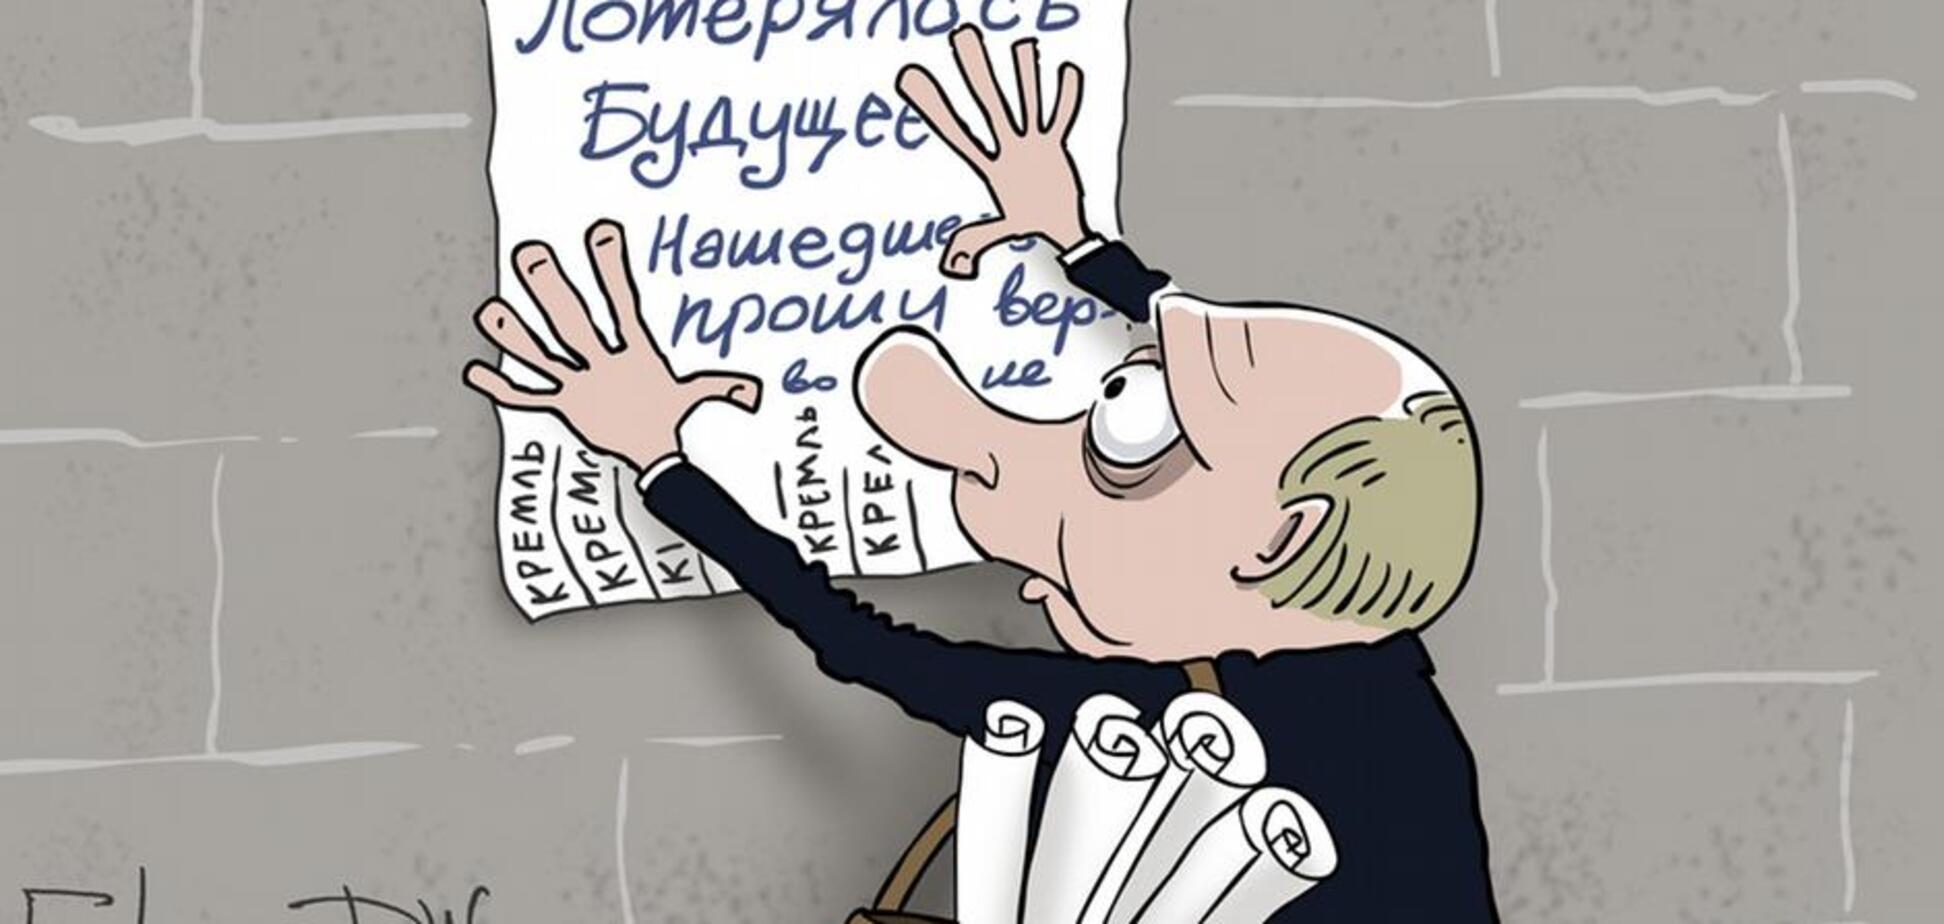 'Потерялось будущее': известный карикатурист едко высмеял Путина